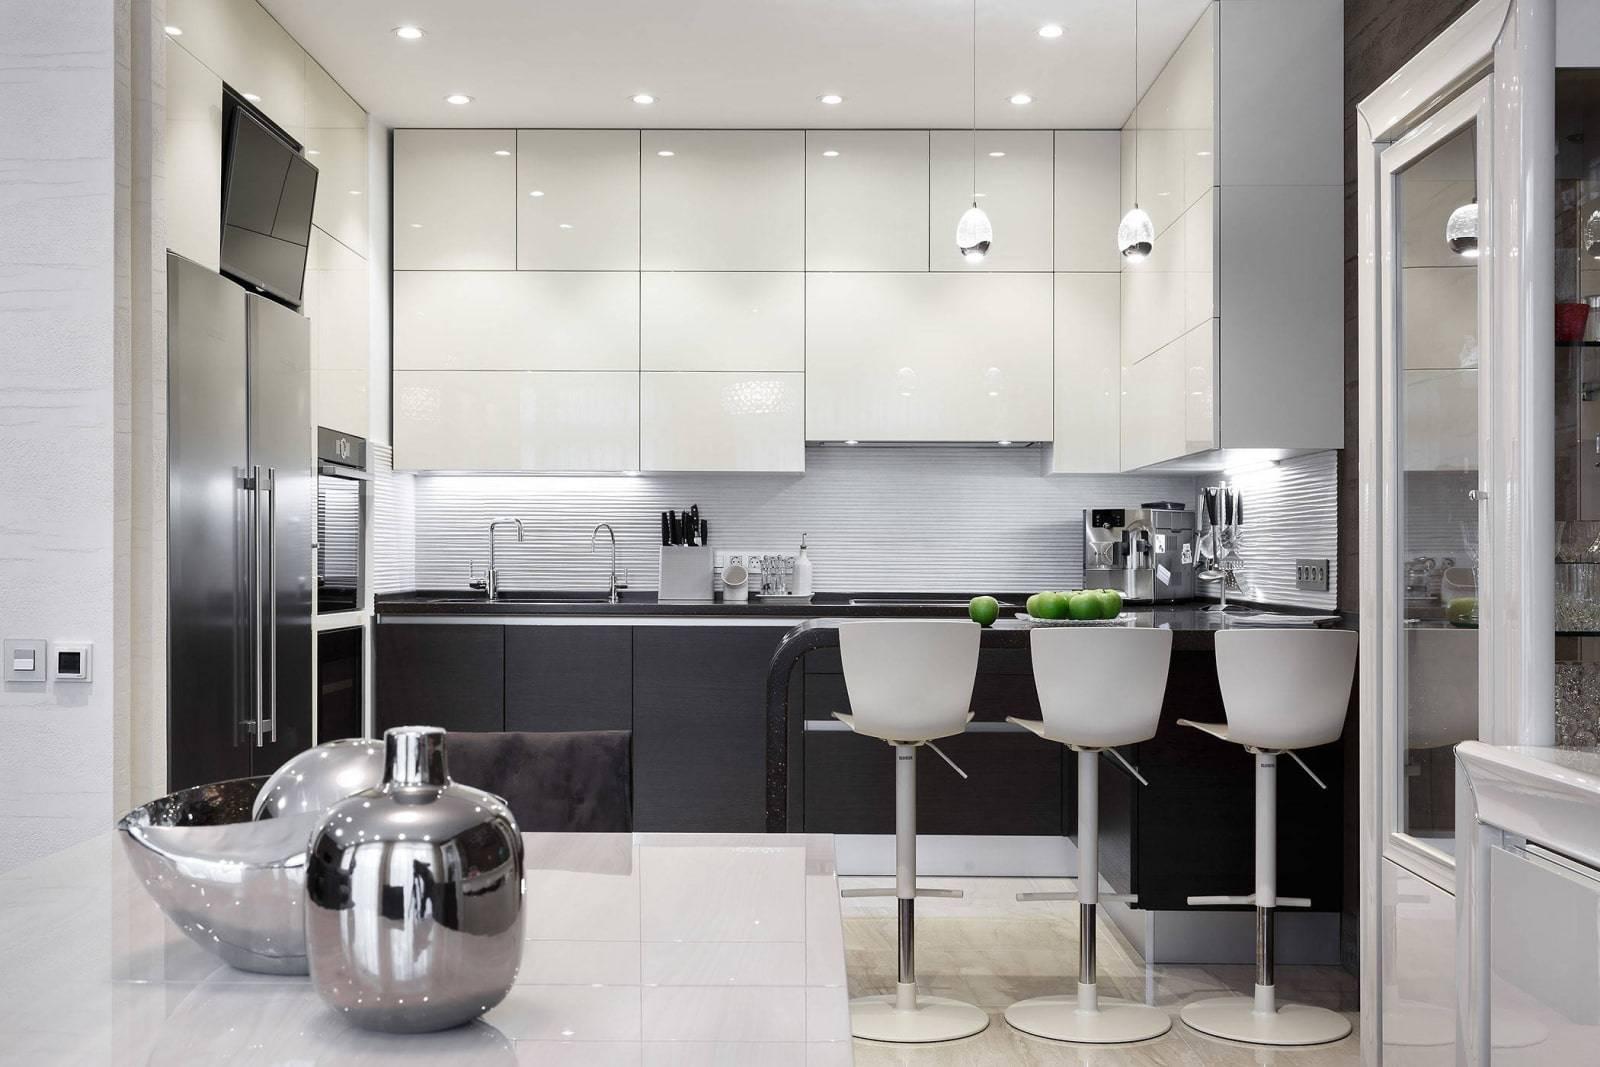 Какие потолки на кухне лучше: фото интерьеров, выбор материала, особенности монтажа и ухода